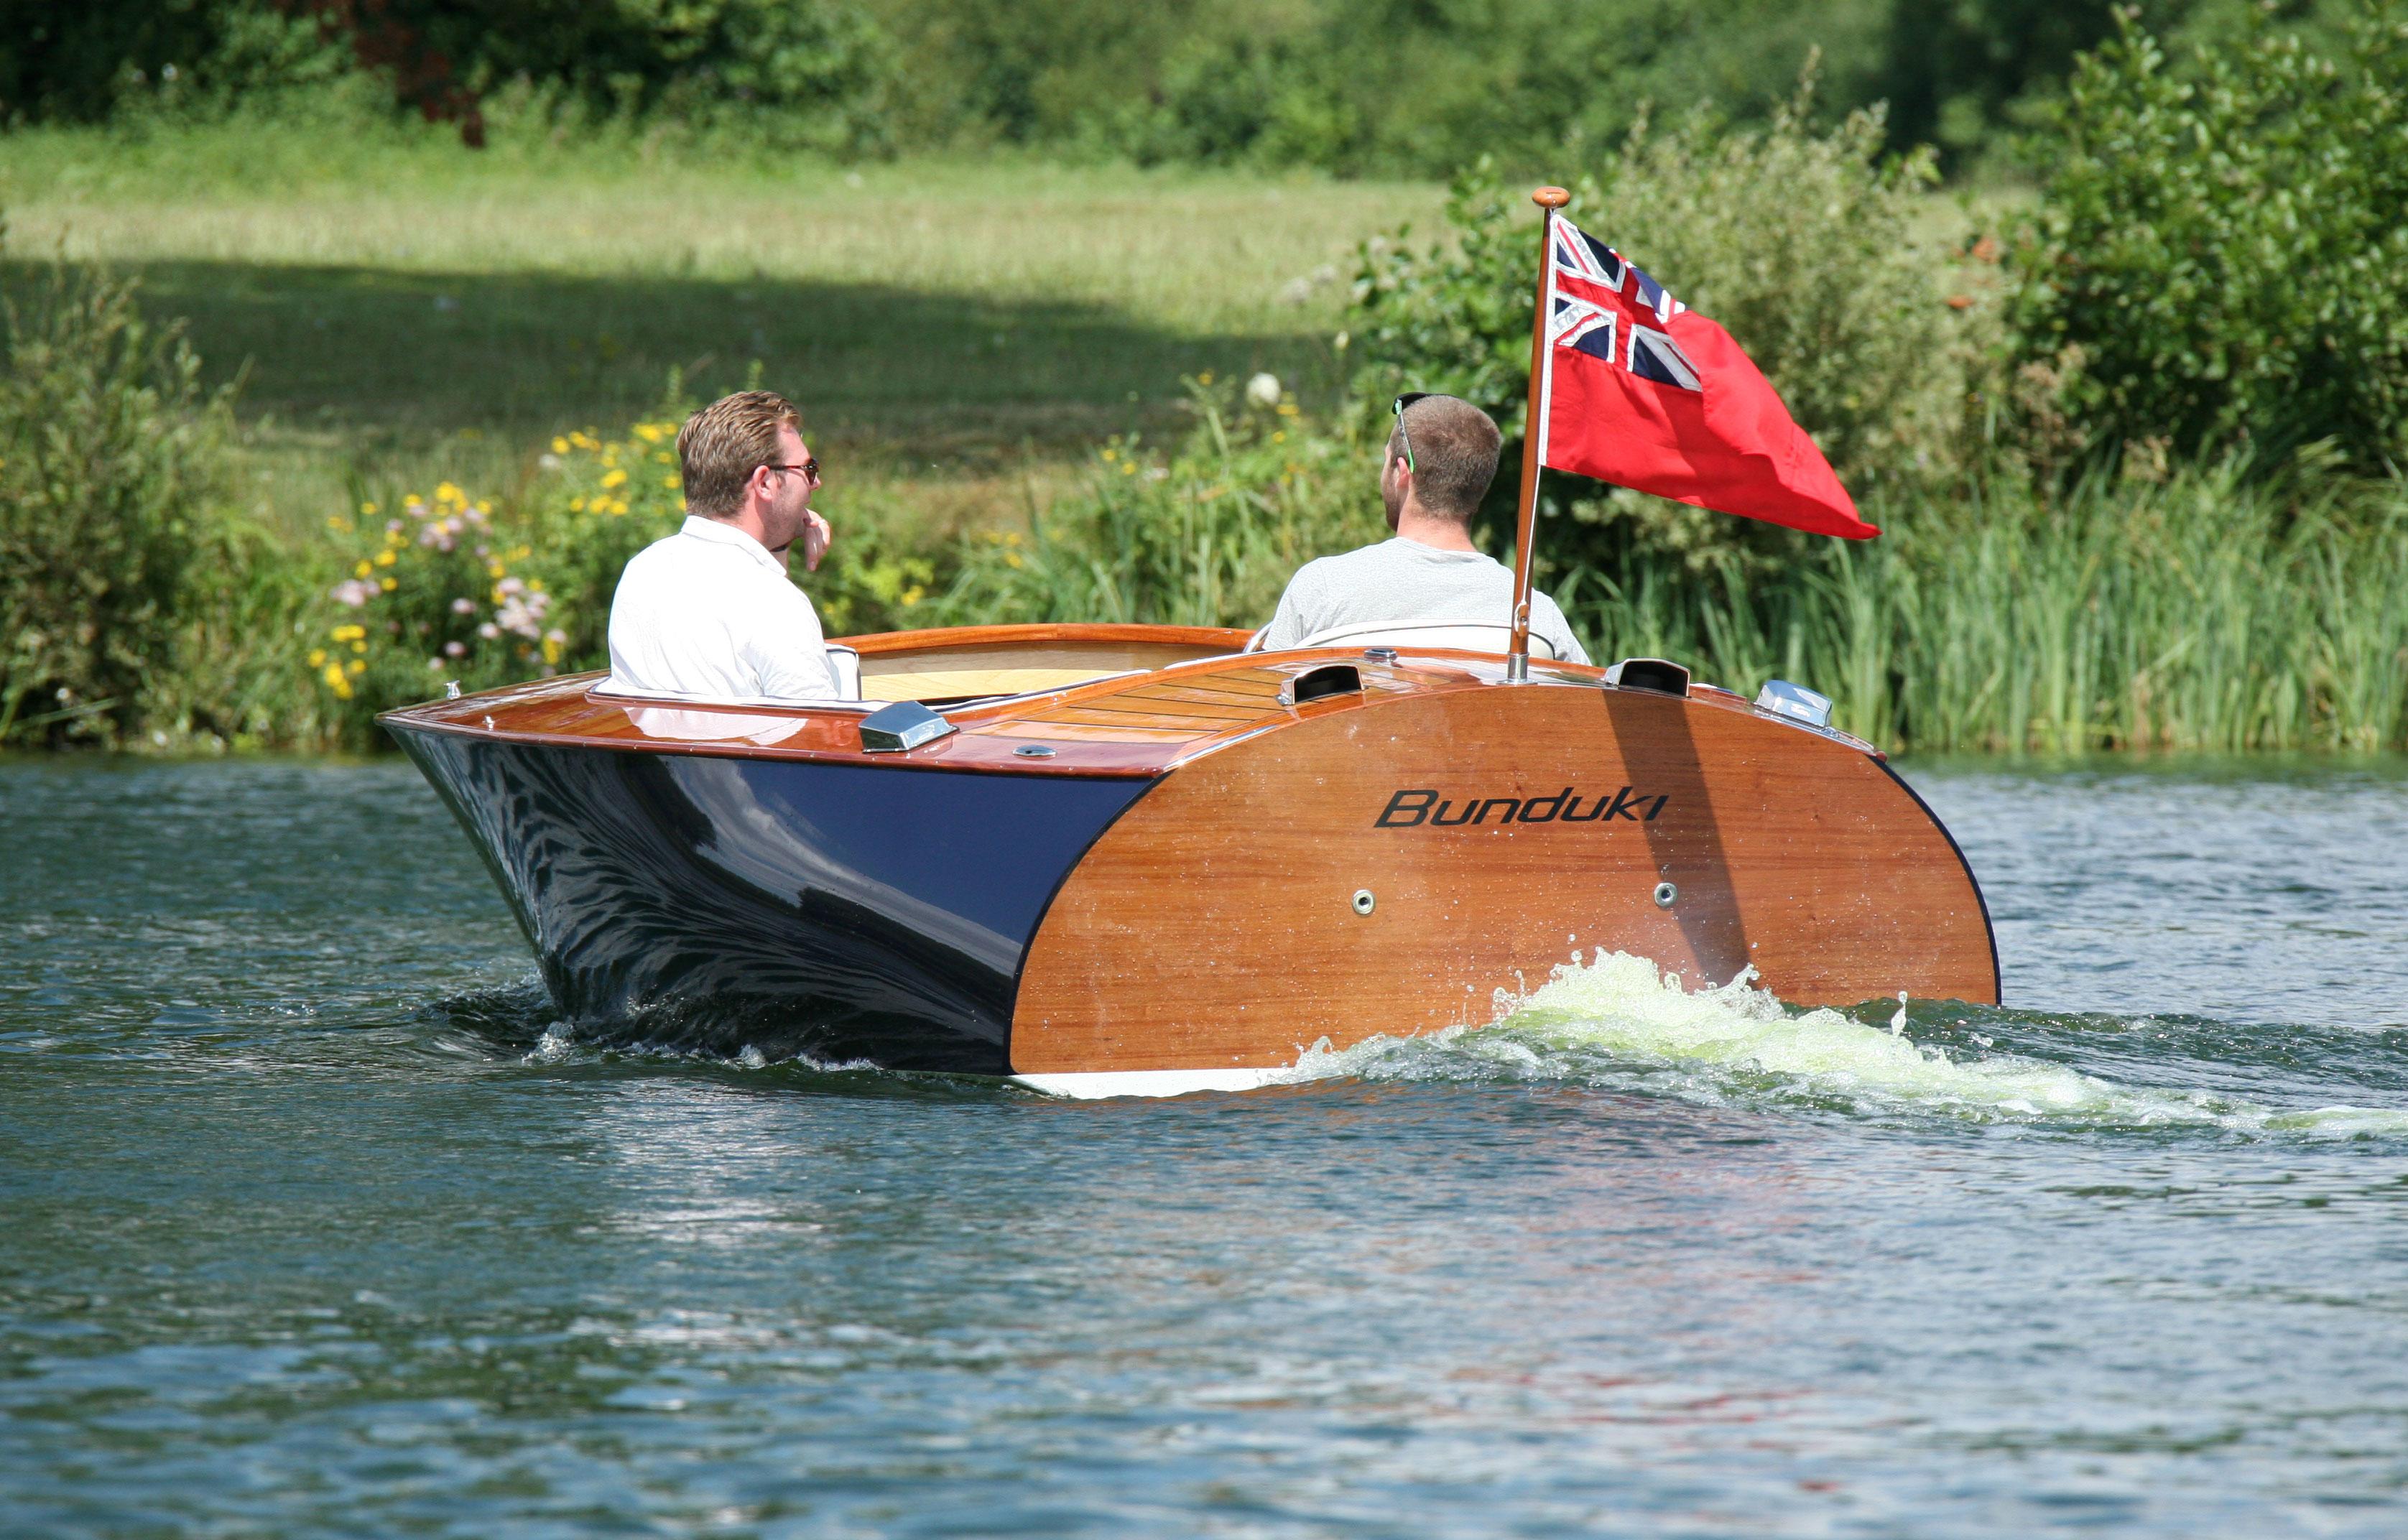 BUNDUKI - Small Boats Monthly